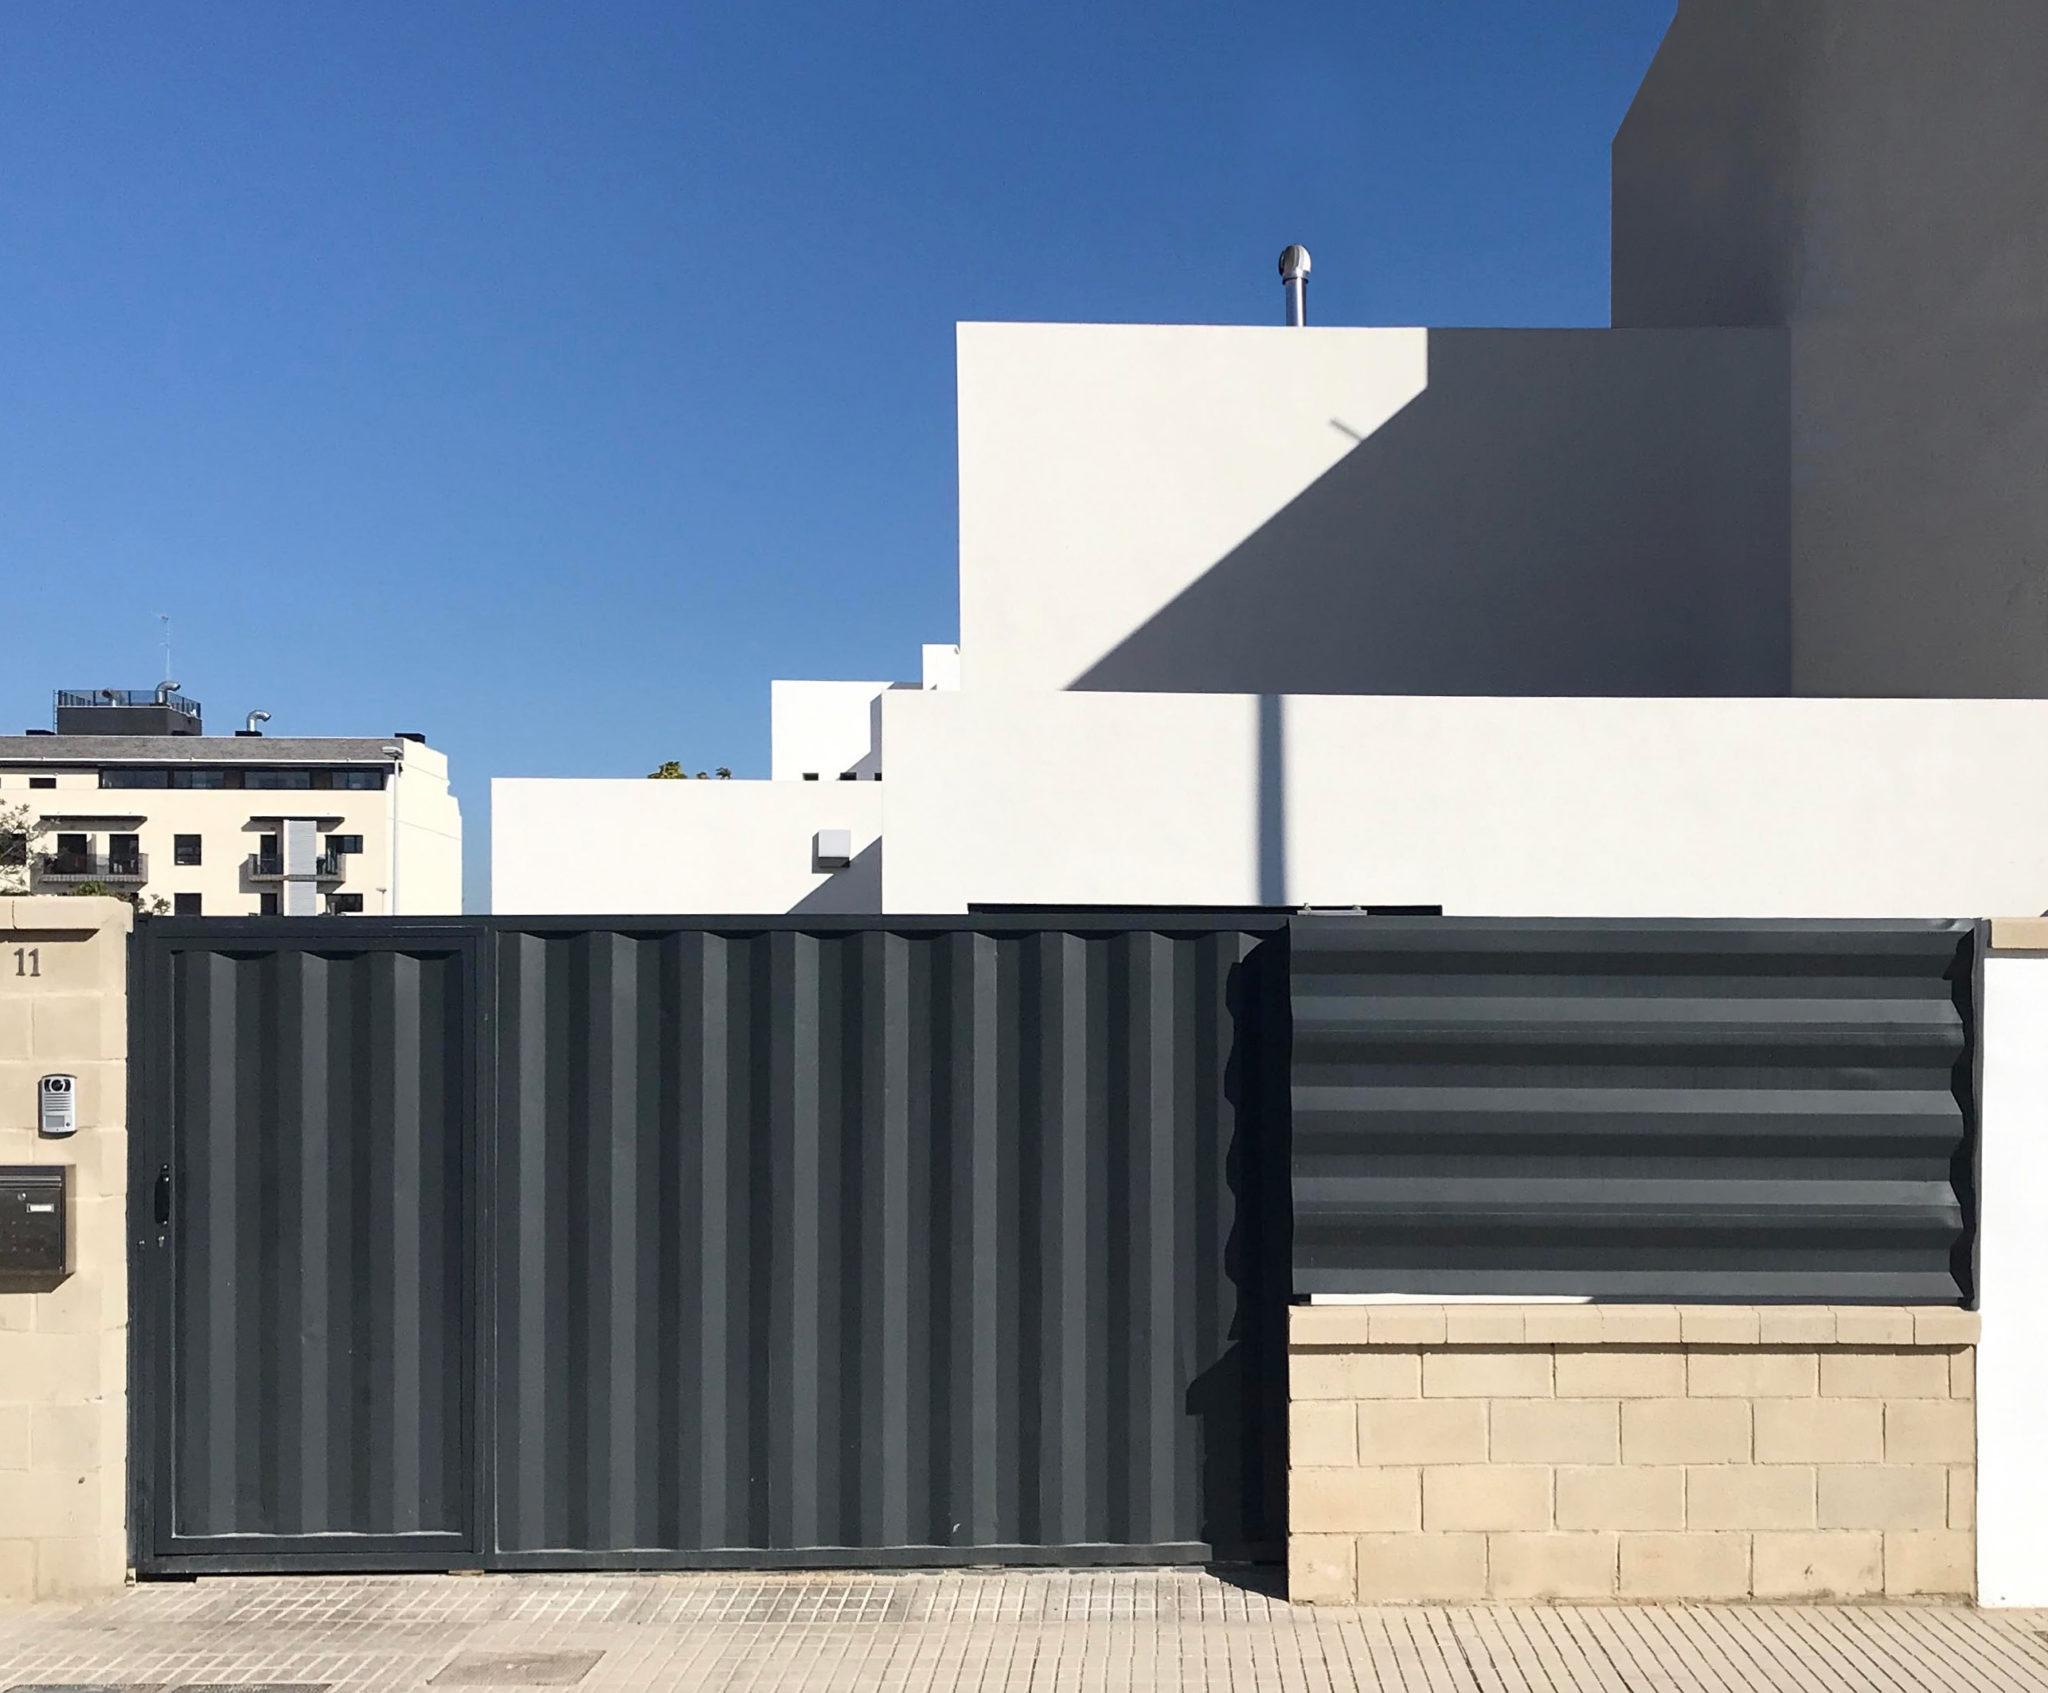 vivienda modular entre patios